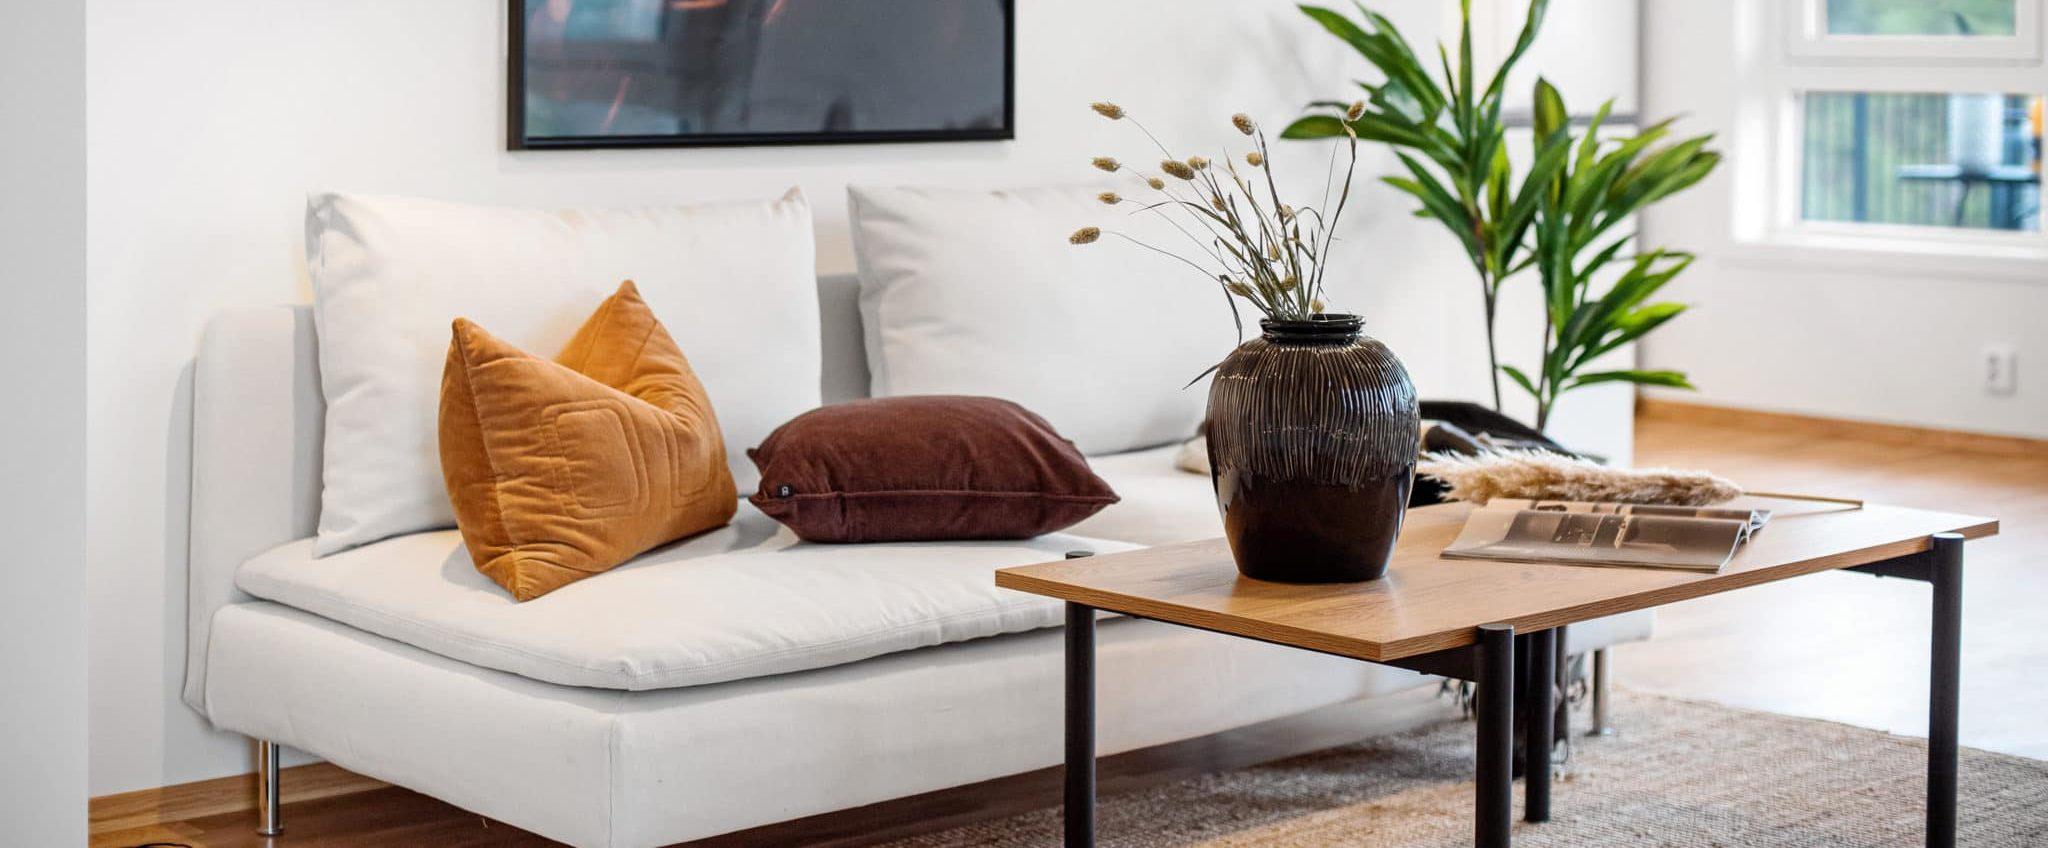 sofa med puter og bord med blomster